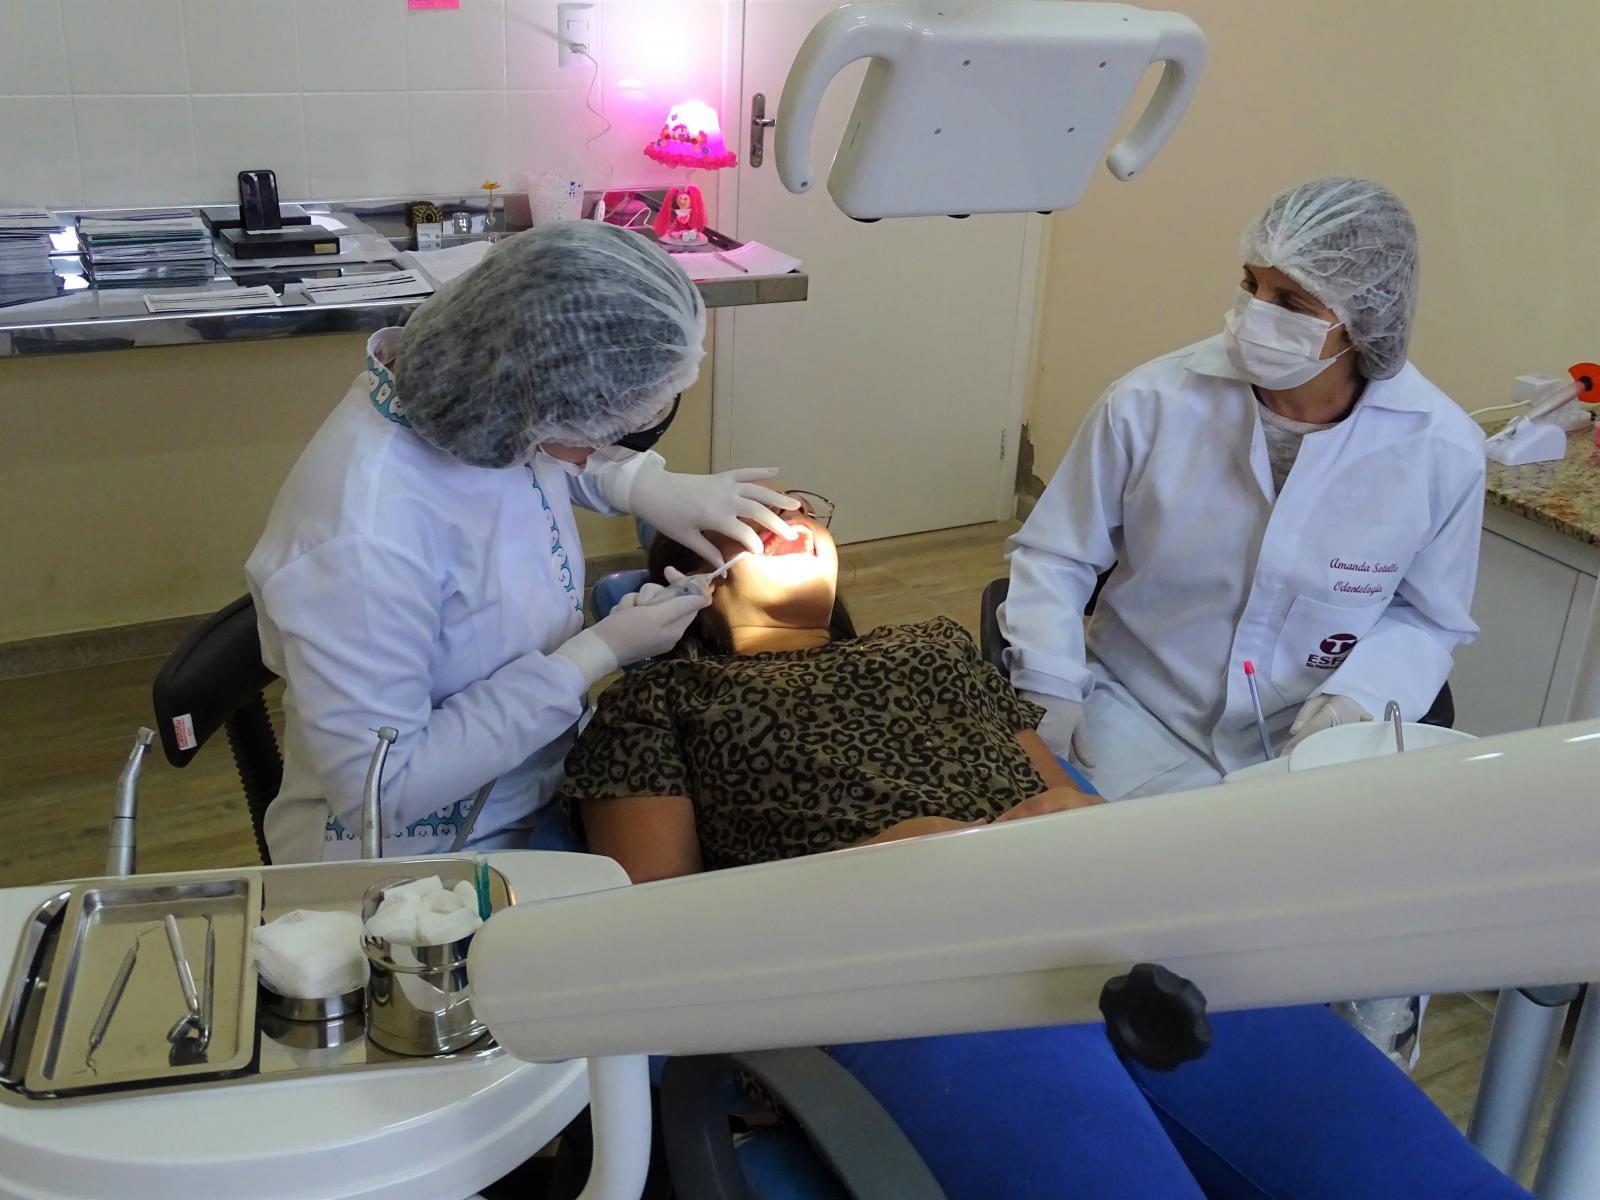 Unidade de Saúde da Família da Praça Oito passa a realizar atendimentos odontológicos